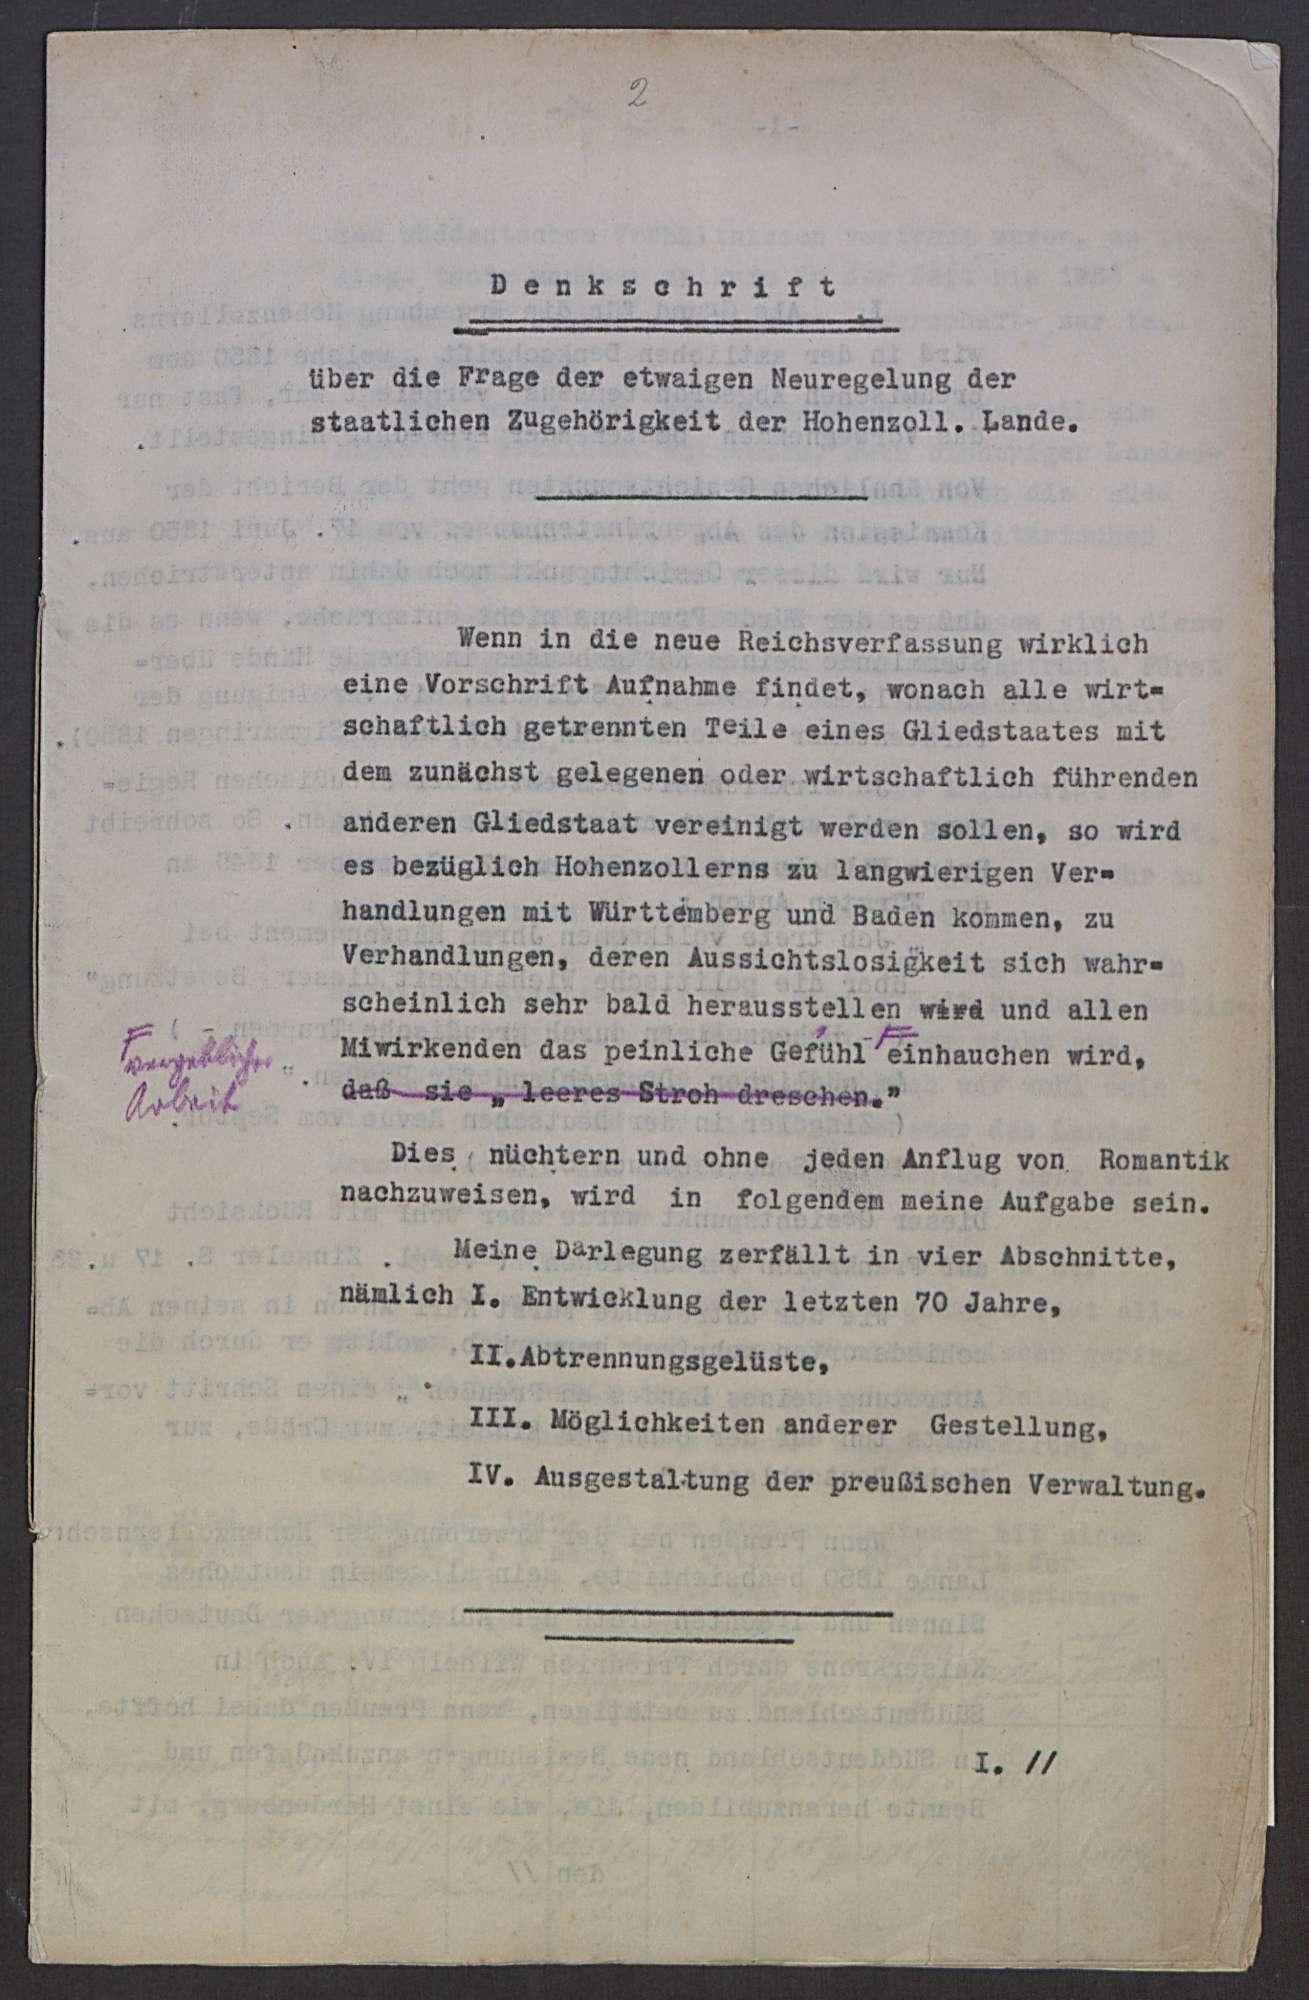 Denkschrift des Regierungspräsidenten Graf von Brühl über die etwaige Neuregelung der staatlichen Zugehörigkeit der Hohenzollerischen Lande vom 14. März 1919, Bild 3